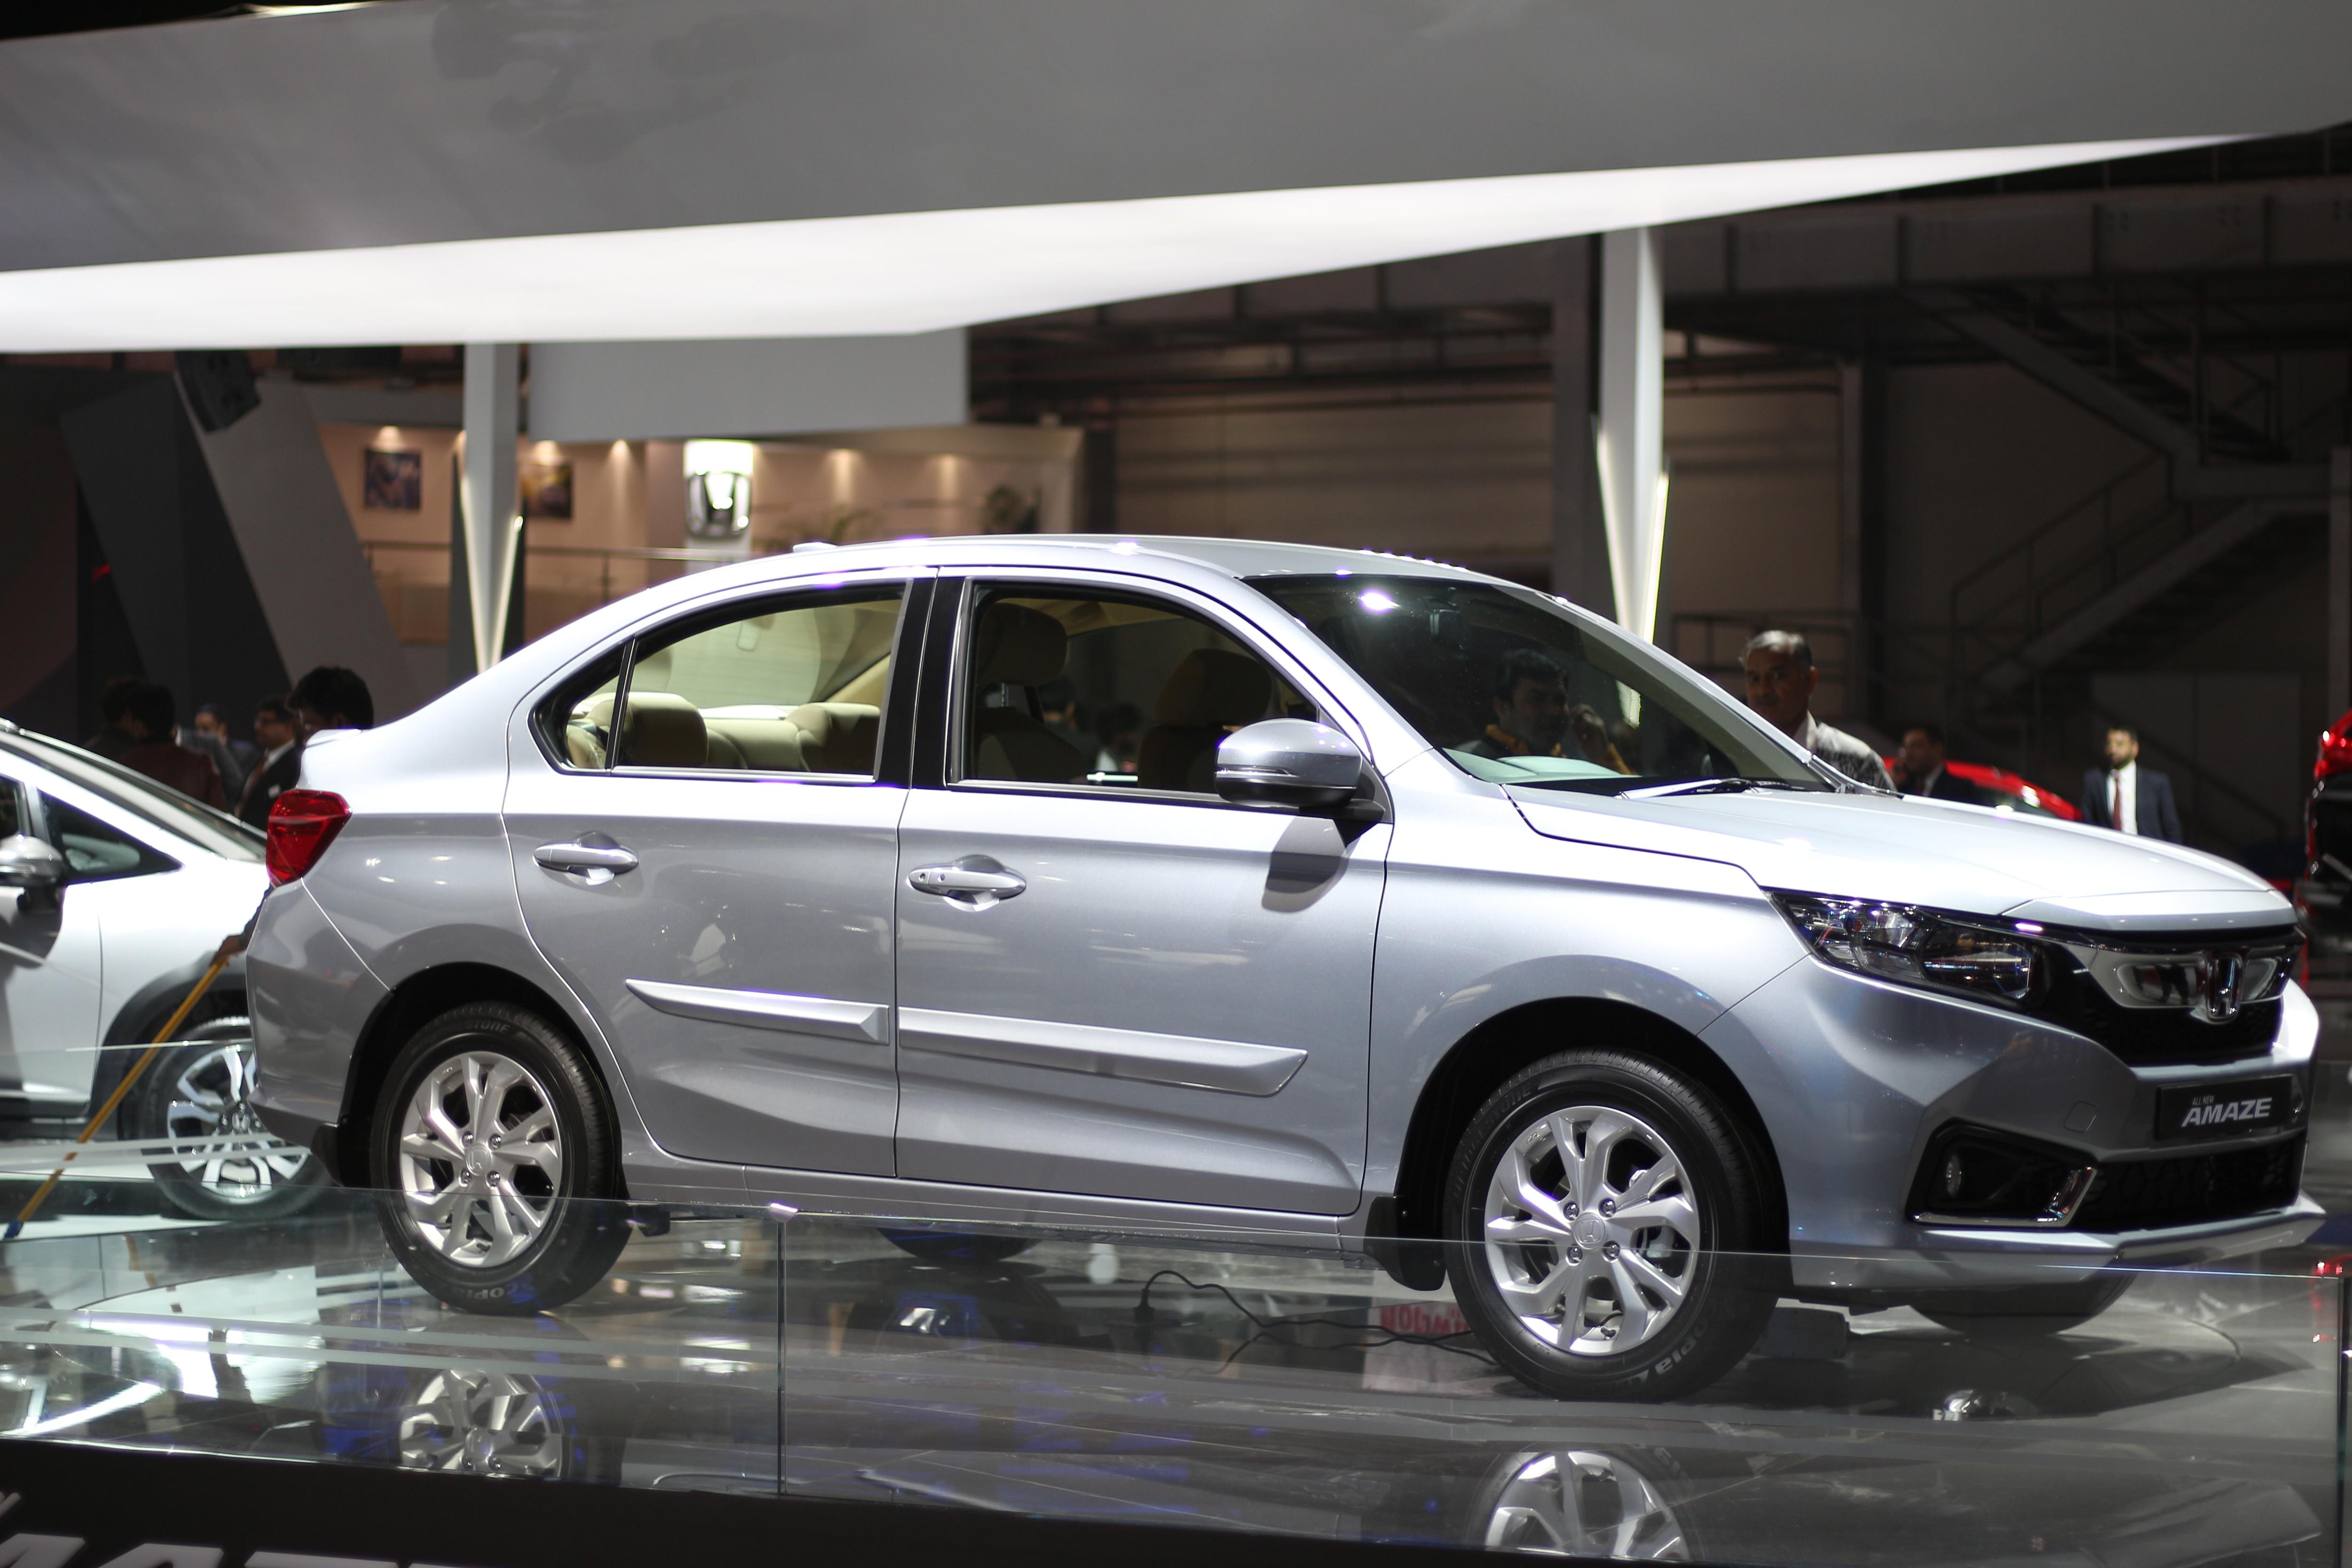 New Honda Amaze 2018: Price in India, Launch Date, Images, Specs, Features, Interior